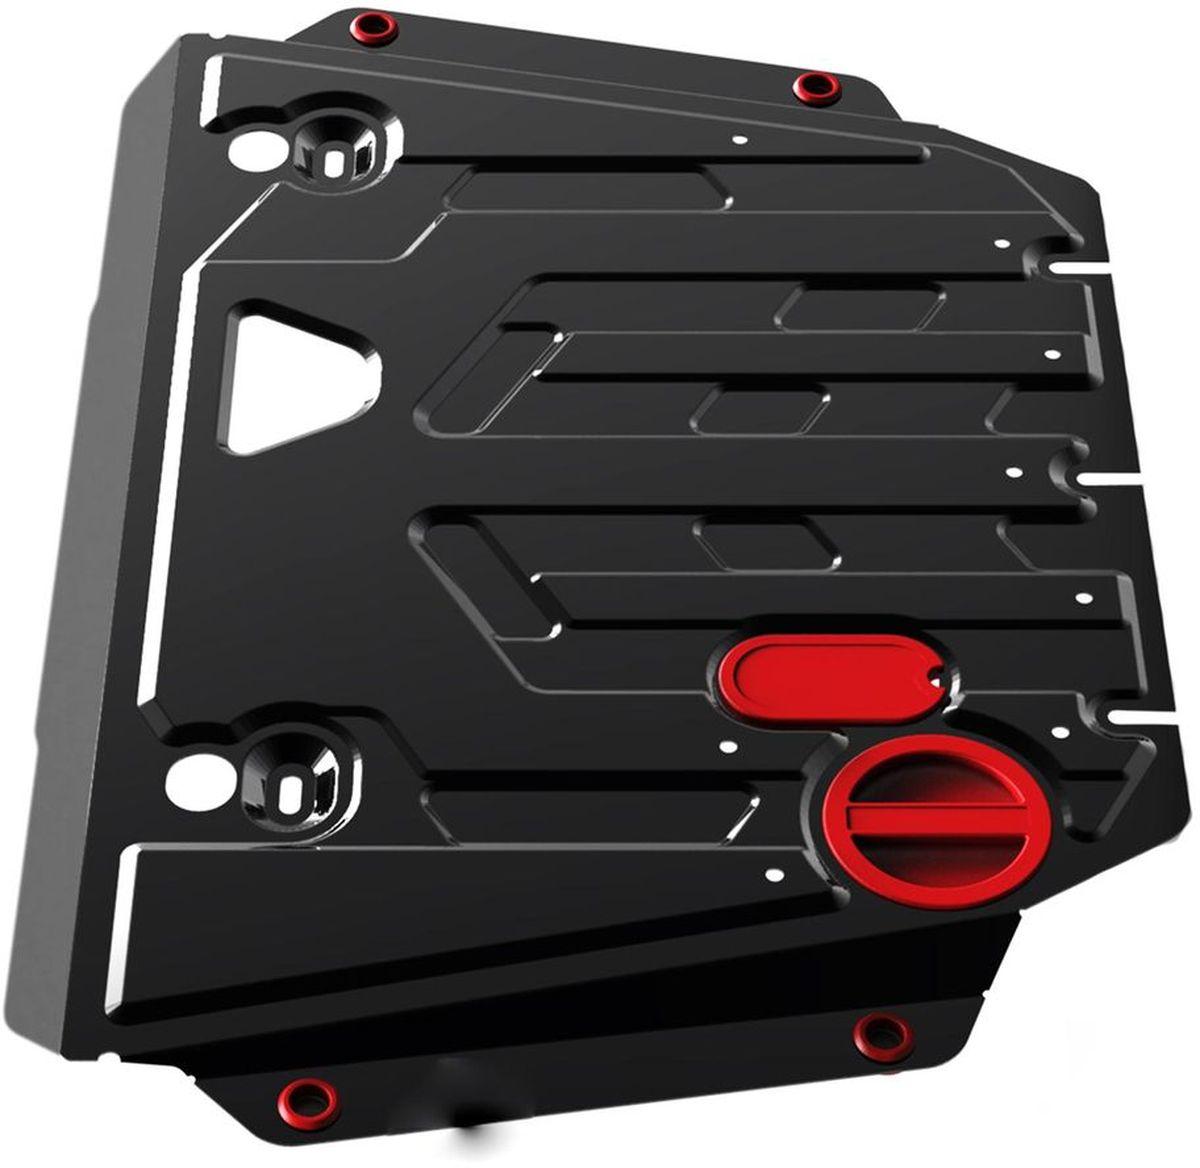 Защита картера Автоброня Kia Sorento 2005-2009, сталь 2 мм111.02808.1Защита картера Автоброня Kia Sorento, V - 2,5; 3,3 2005-2009, сталь 2 мм, комплект крепежа, 111.02808.1Дополнительно можно приобрести другие защитные элементы из комплекта: защита радиатора - 1.02807.1, защита КПП - 111.02809.1, защита РК - 111.02810.1Стальные защиты Автоброня надежно защищают ваш автомобиль от повреждений при наезде на бордюры, выступающие канализационные люки, кромки поврежденного асфальта или при ремонте дорог, не говоря уже о загородных дорогах.- Имеют оптимальное соотношение цена-качество.- Спроектированы с учетом особенностей автомобиля, что делает установку удобной.- Защита устанавливается в штатные места кузова автомобиля.- Является надежной защитой для важных элементов на протяжении долгих лет.- Глубокий штамп дополнительно усиливает конструкцию защиты.- Подштамповка в местах крепления защищает крепеж от срезания.- Технологические отверстия там, где они необходимы для смены масла и слива воды, оборудованные заглушками, закрепленными на защите.Толщина стали 2 мм.В комплекте крепеж и инструкция по установке.Уважаемые клиенты!Обращаем ваше внимание на тот факт, что защита имеет форму, соответствующую модели данного автомобиля. Наличие глубокого штампа и лючков для смены фильтров/масла предусмотрено не на всех защитах. Фото служит для визуального восприятия товара.